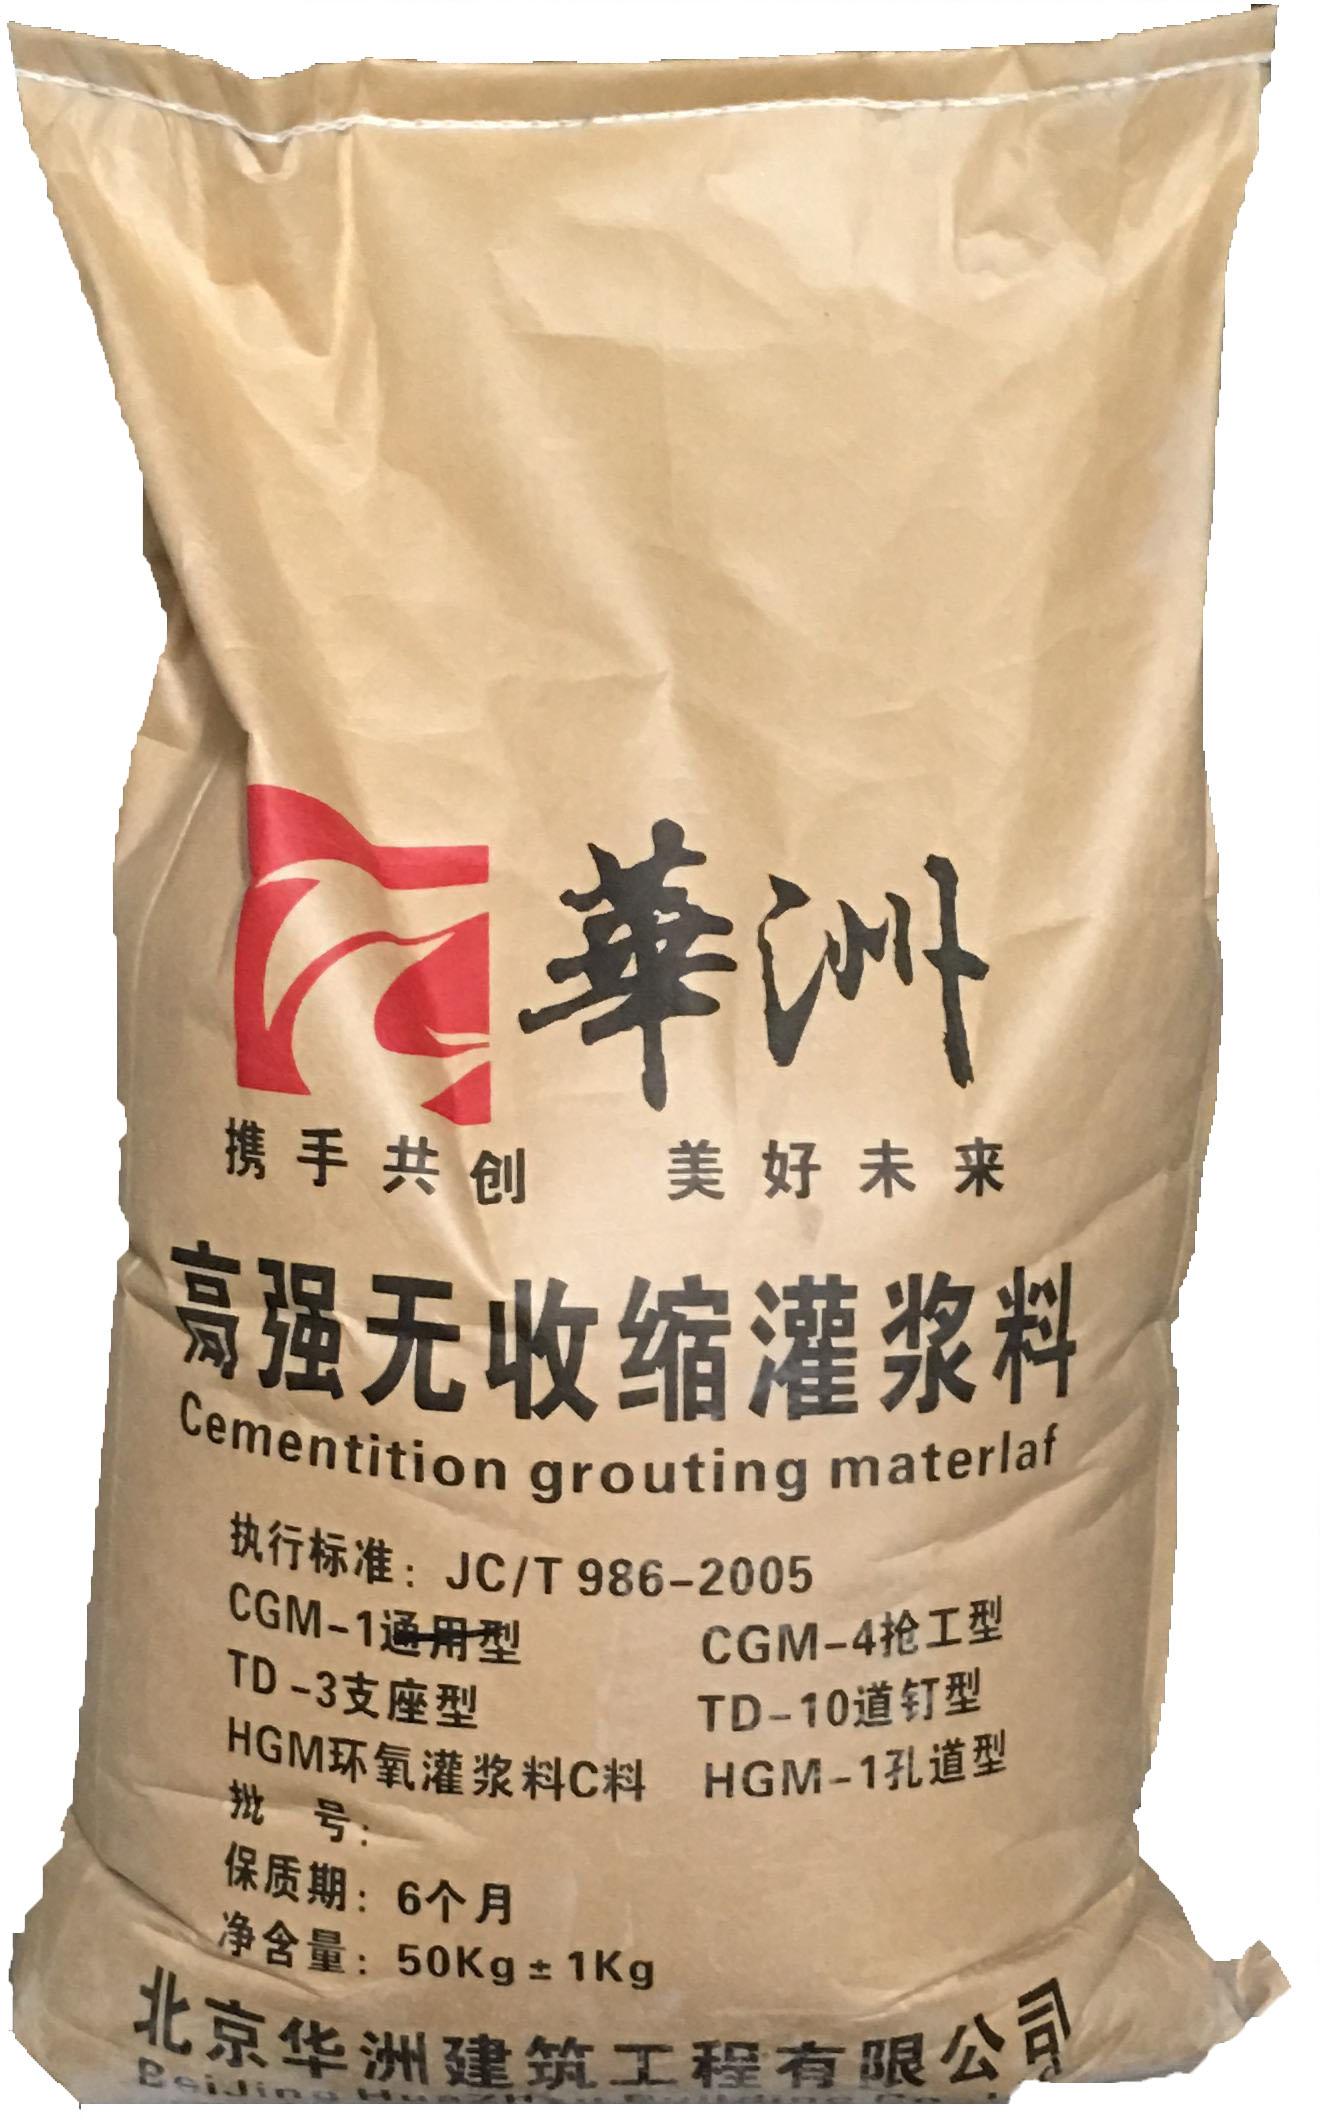 中国工程建设重点推广产品[灌浆料]  13521087865